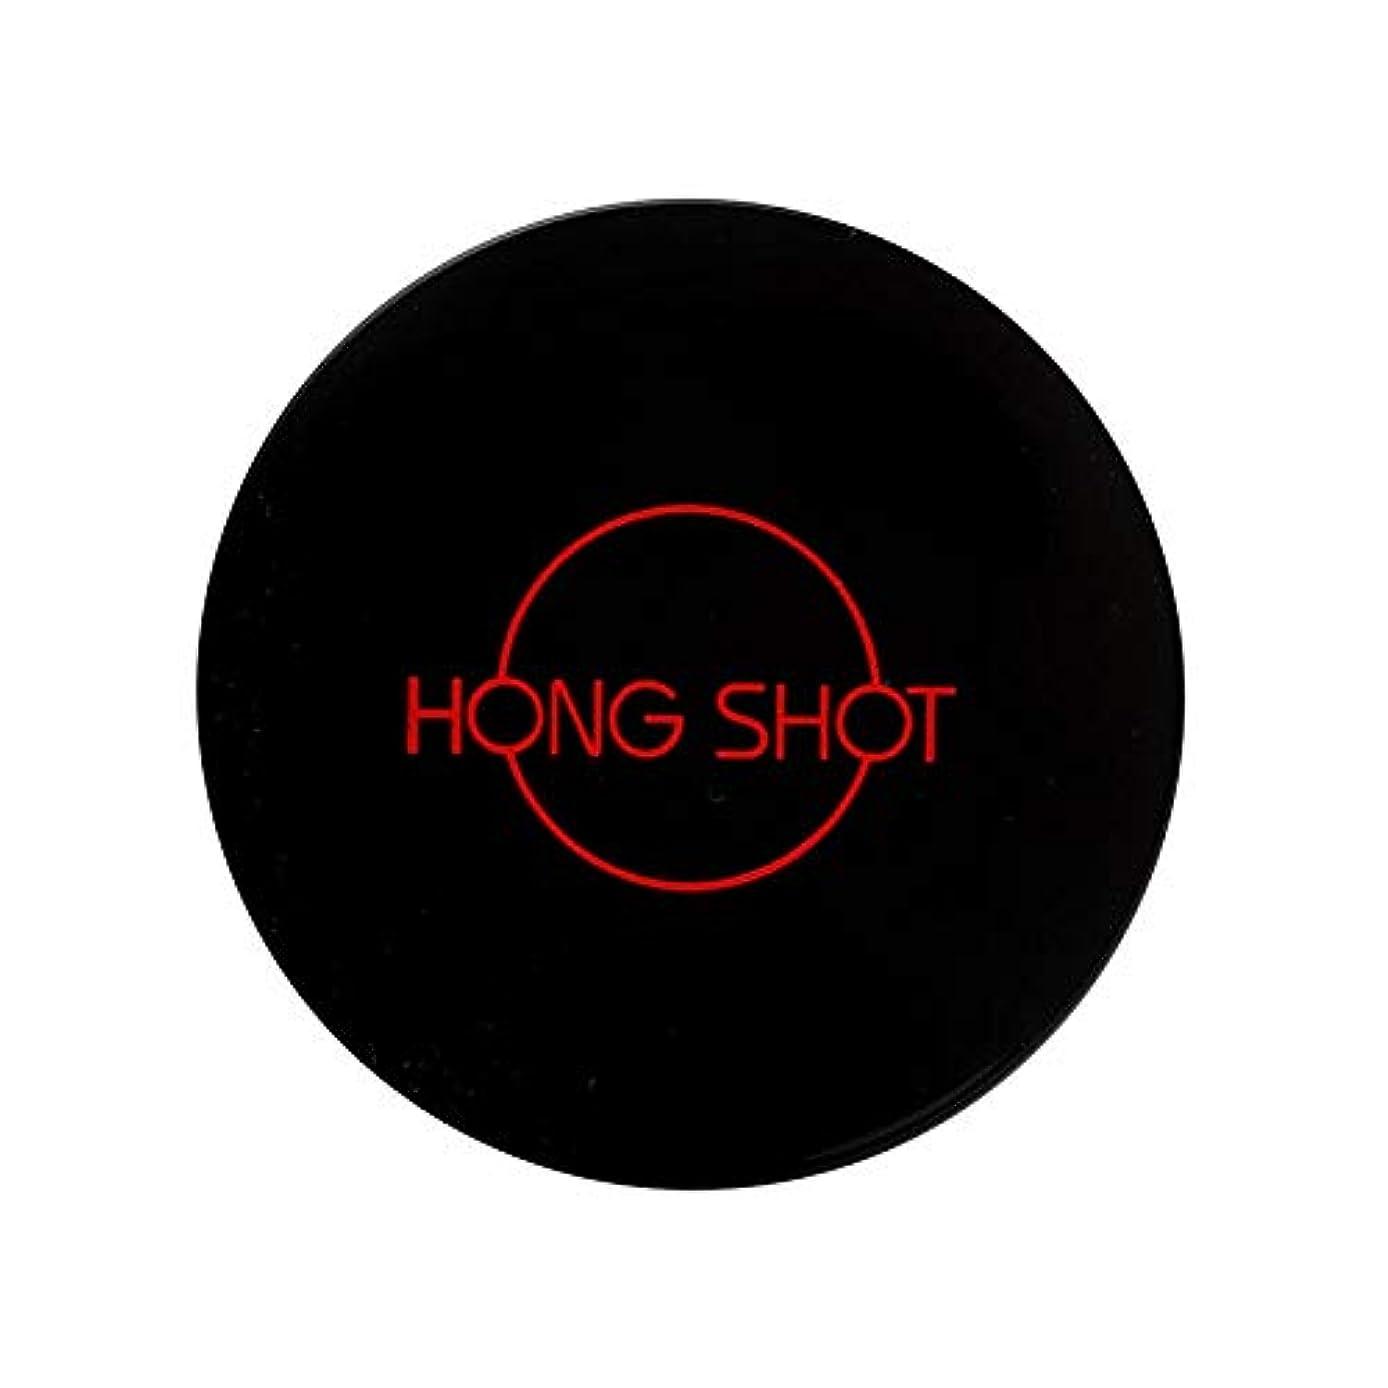 ファシズムアプト狂乱[HONG SHOT] ホンシャトパワーラスティングコンシルファクト 16g / HONGSHOT POWER LASTING CONCEAL PACT 16g / Hongjinyoung PACT [並行輸入品] (...